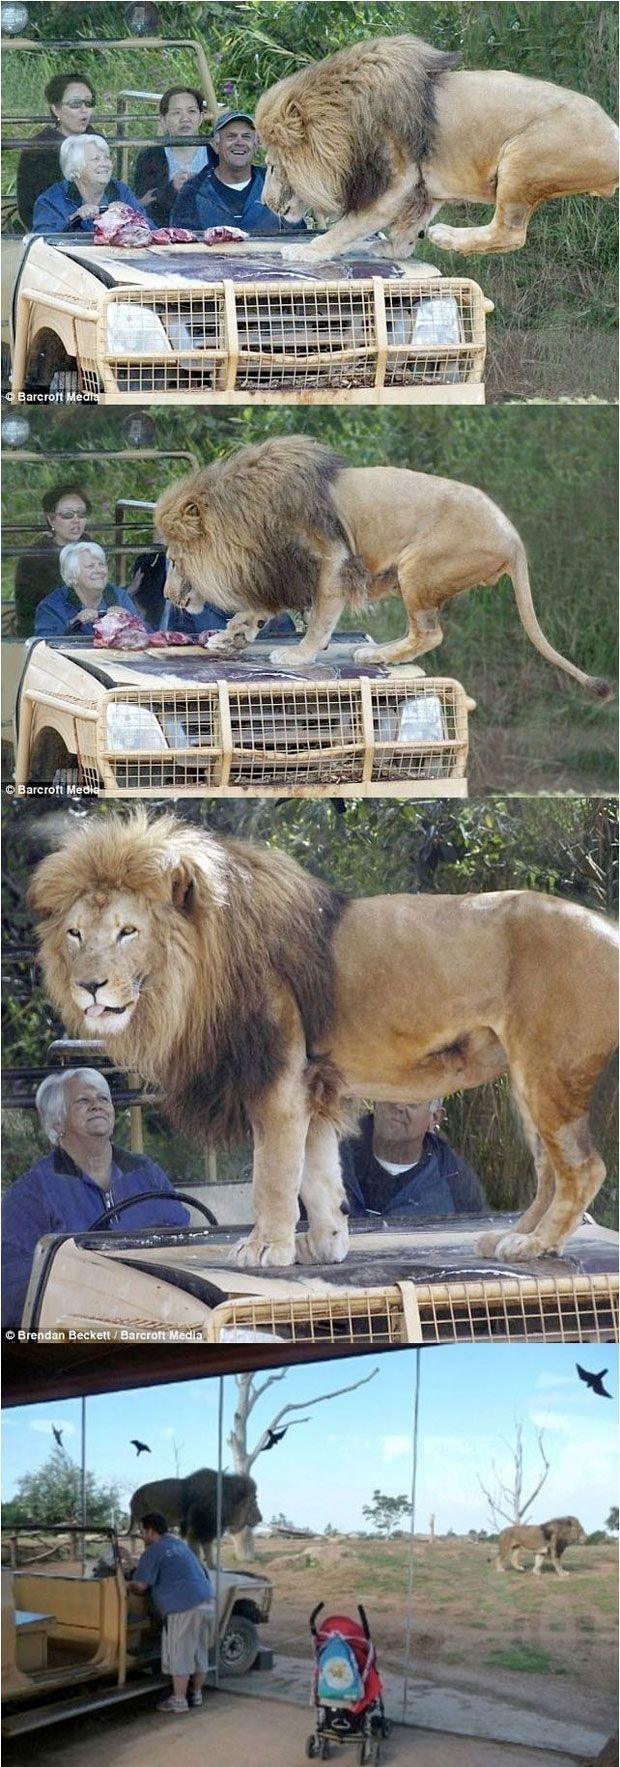 leoes caçando zebras gifs - Pesquisa Google